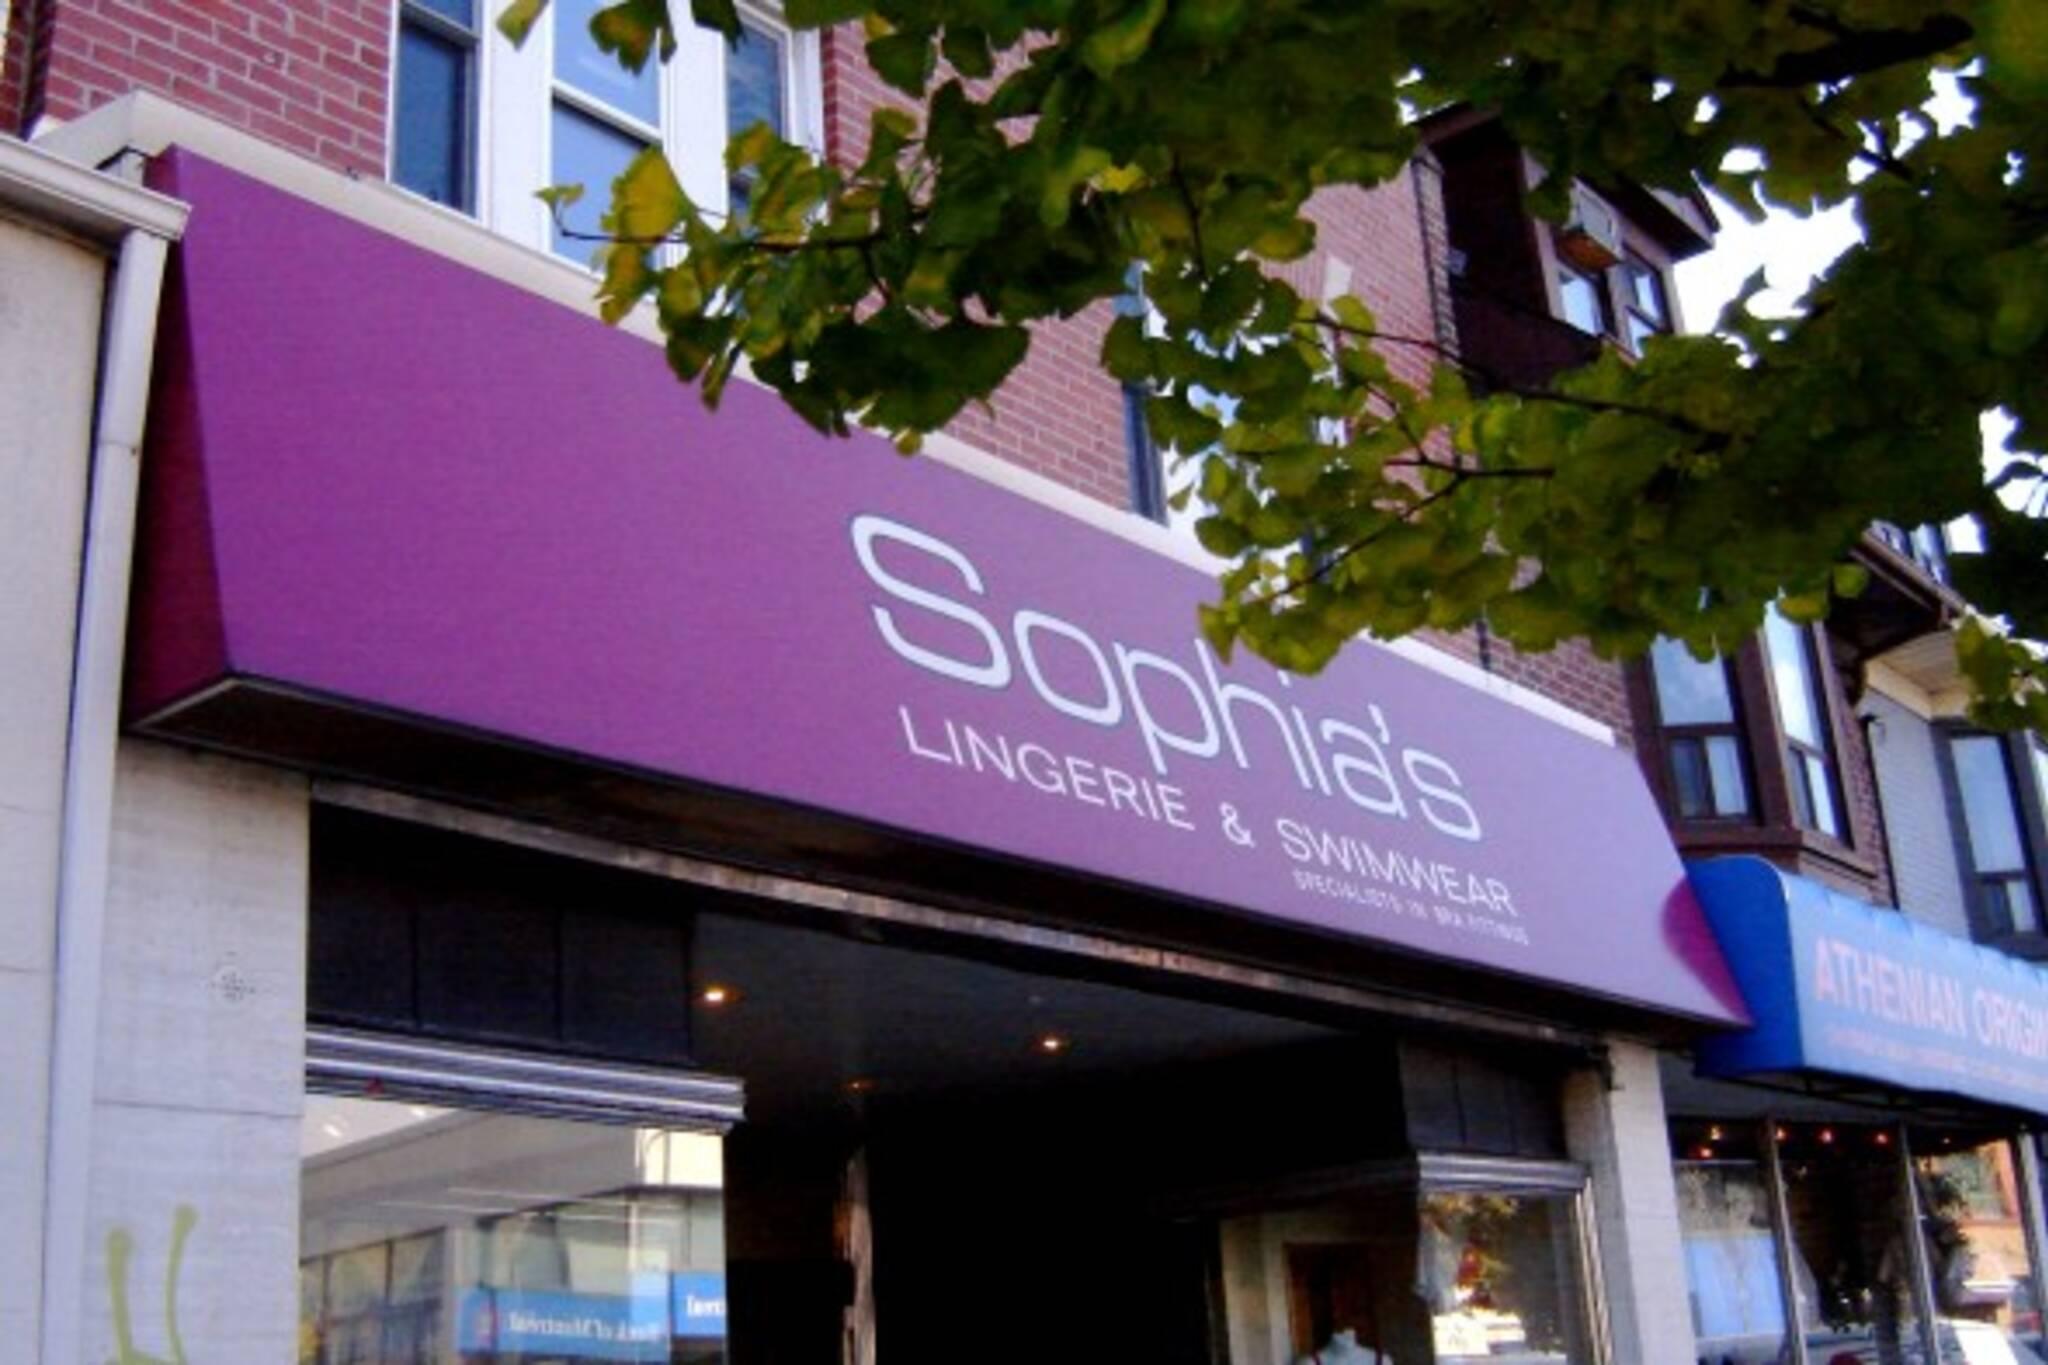 Sophia's Lingerie